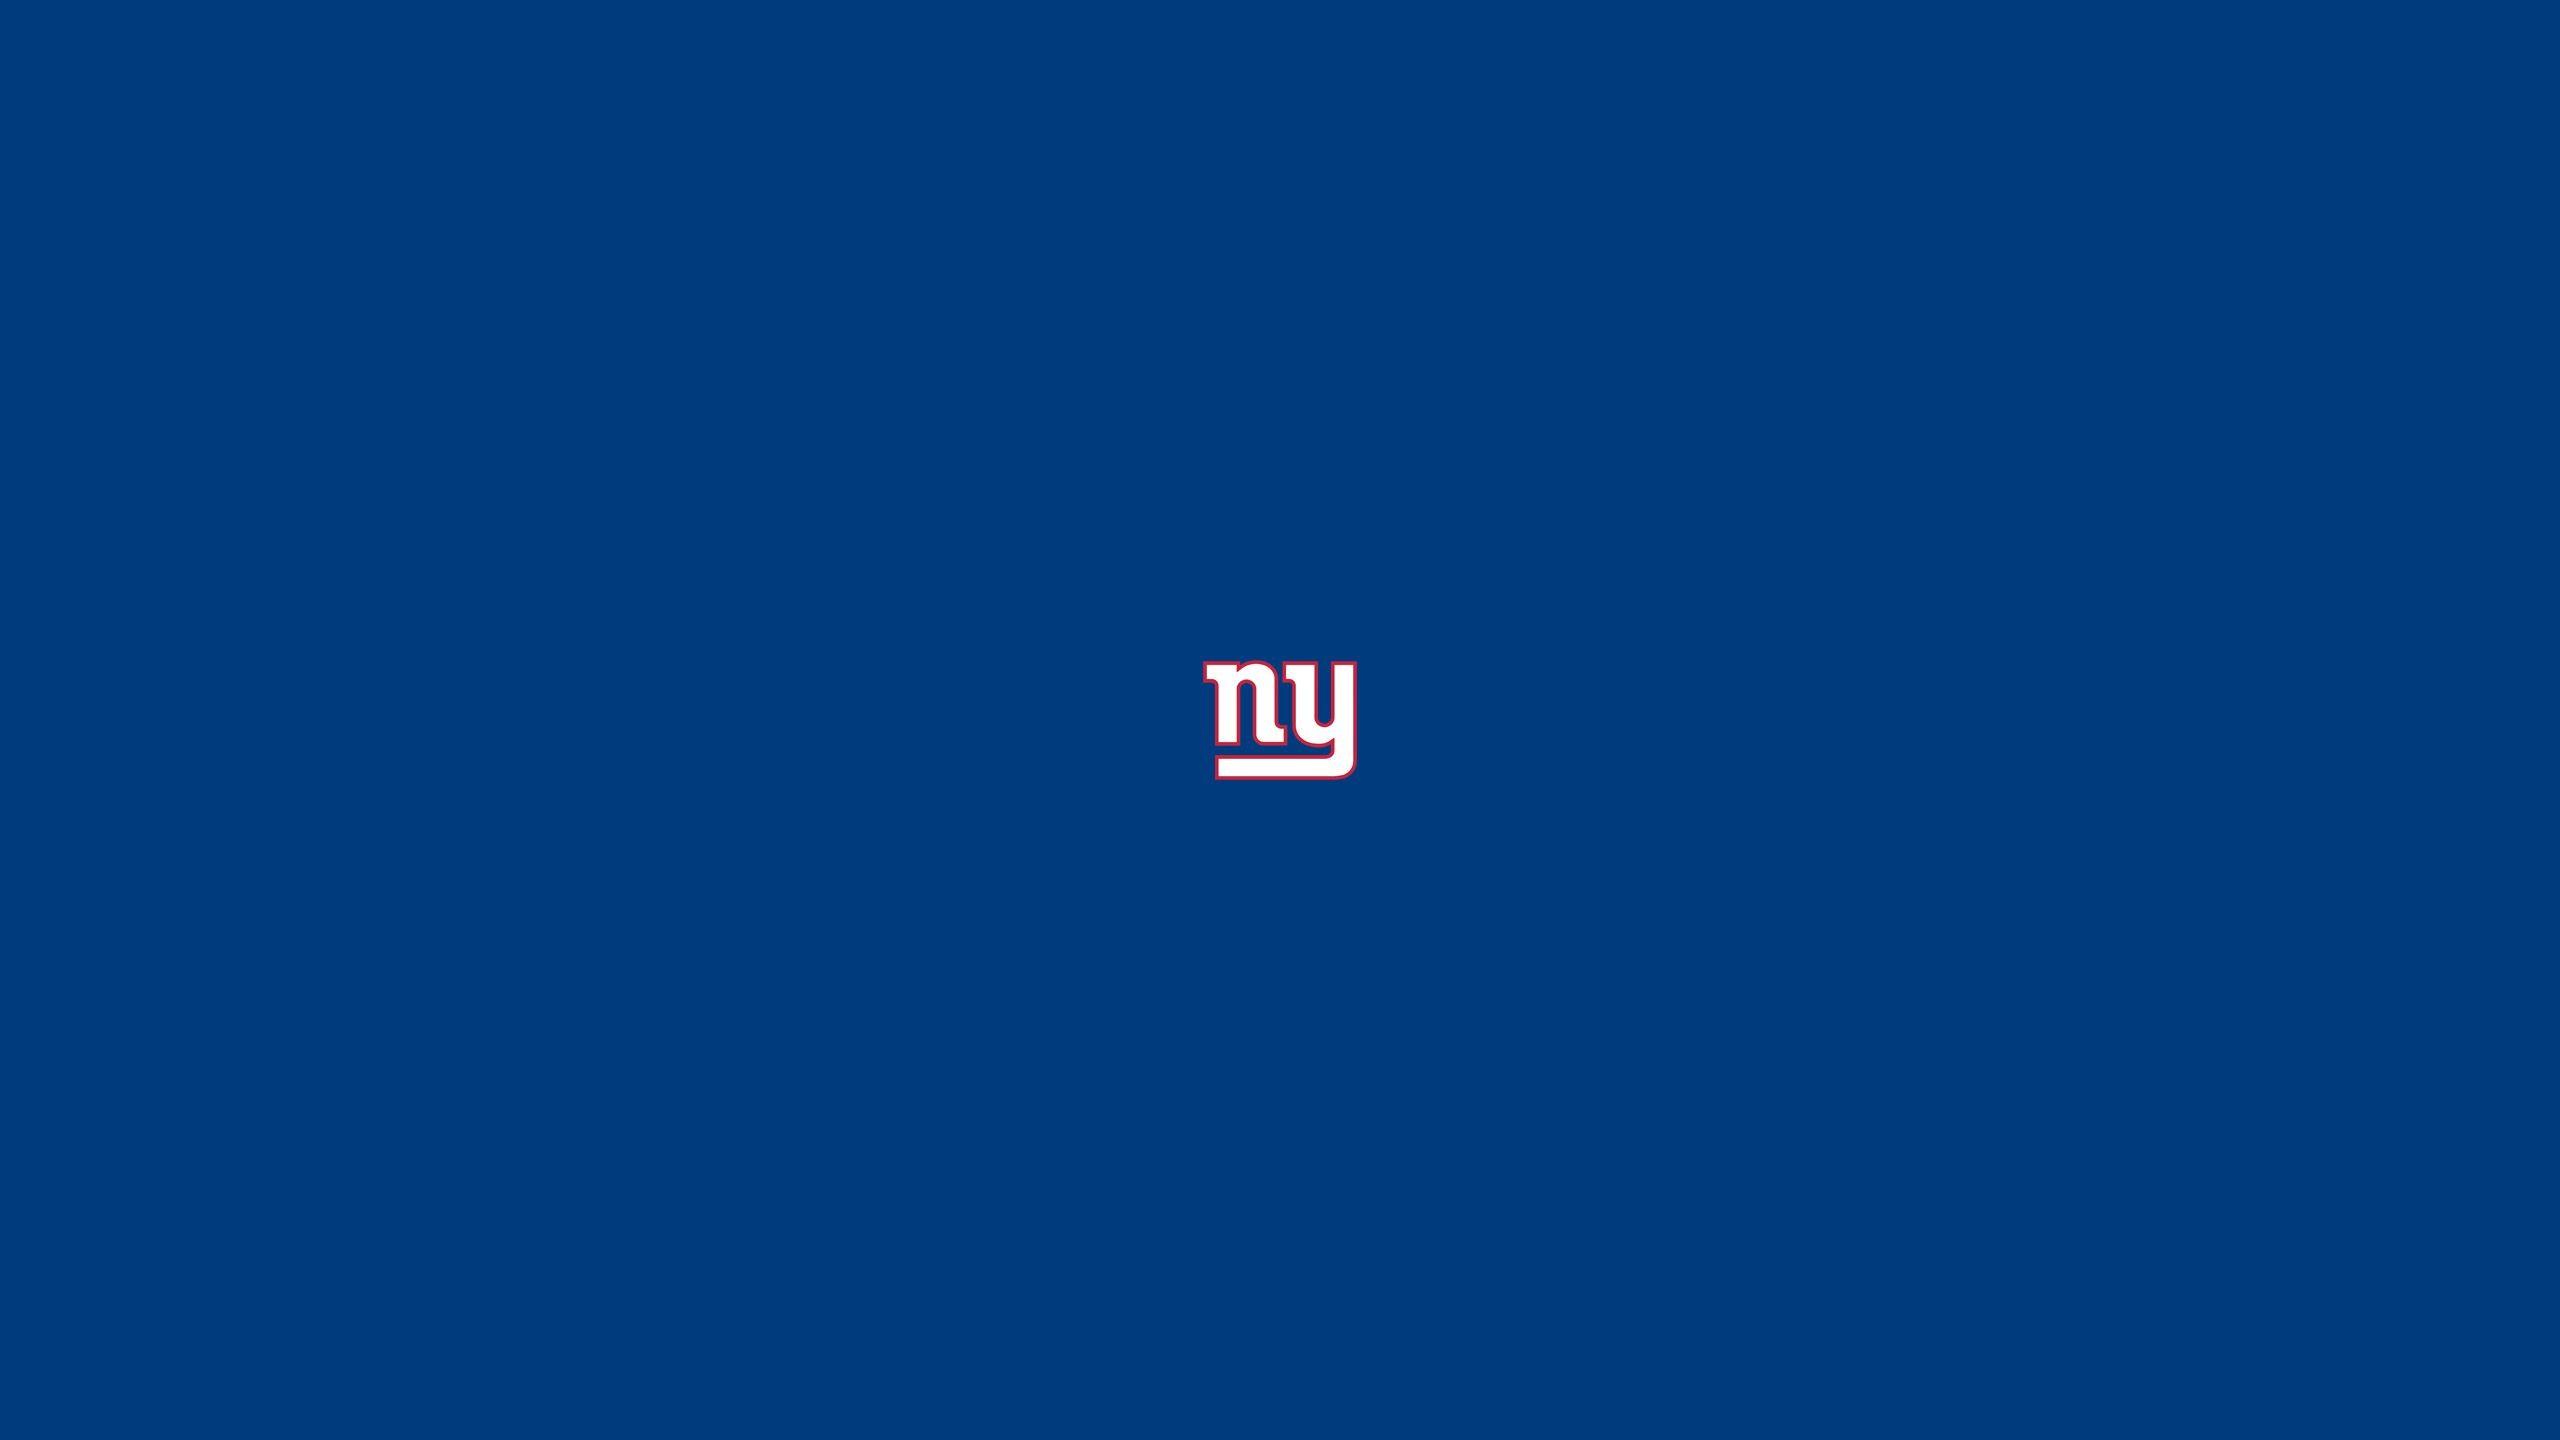 NEW YORK GIANTS nfl football e wallpaper